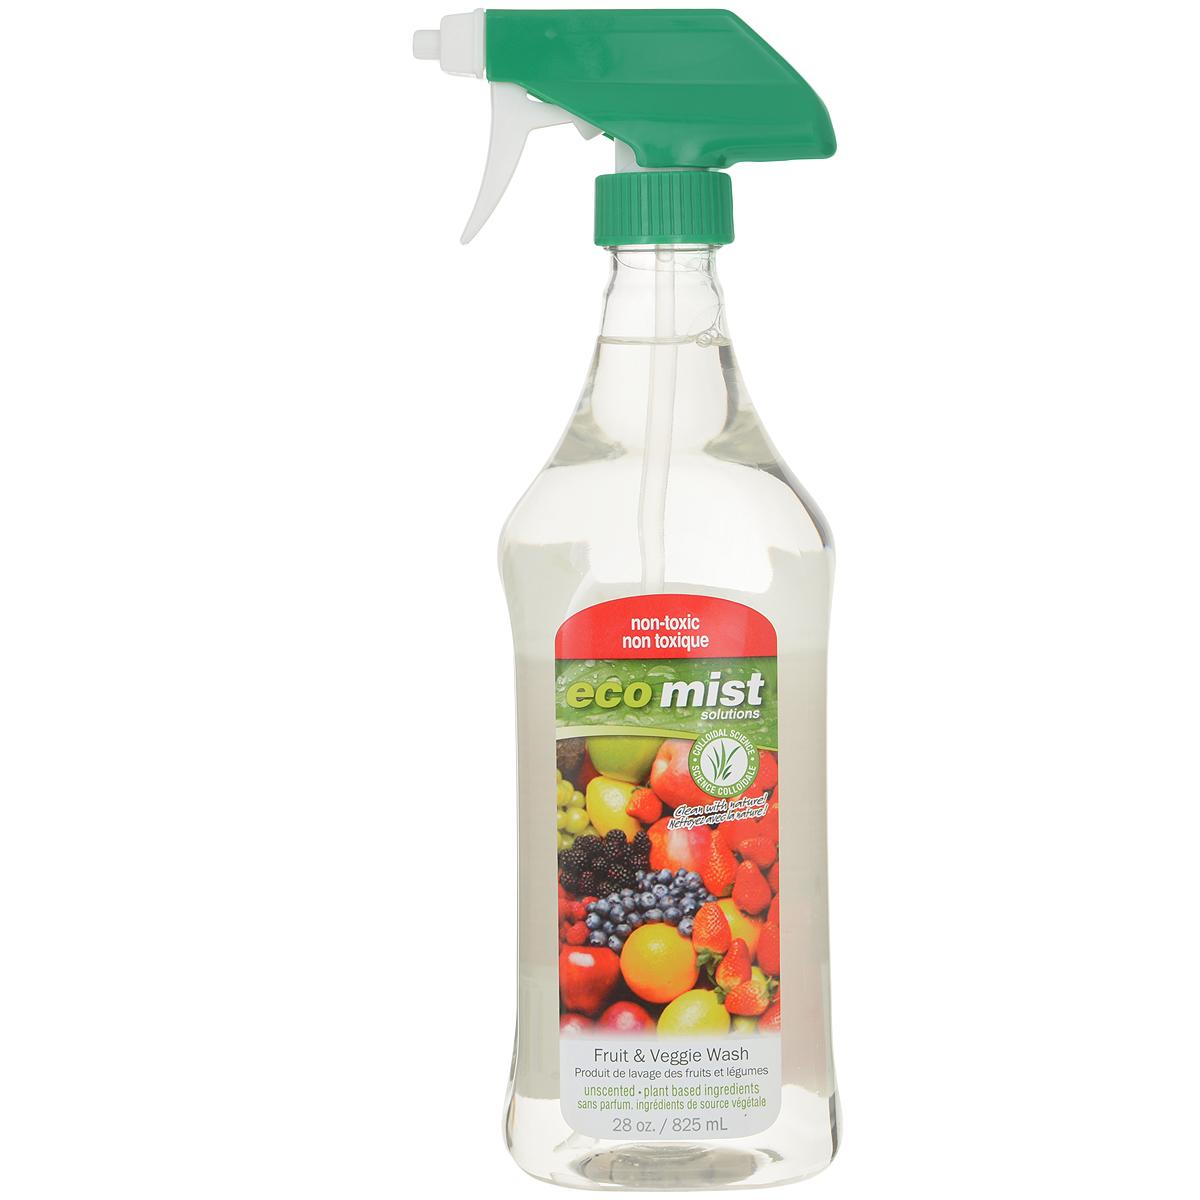 Средство для мытья фруктов и овощей Eco Mist, 825 мл средство для удаления жира eco mist 825 мл